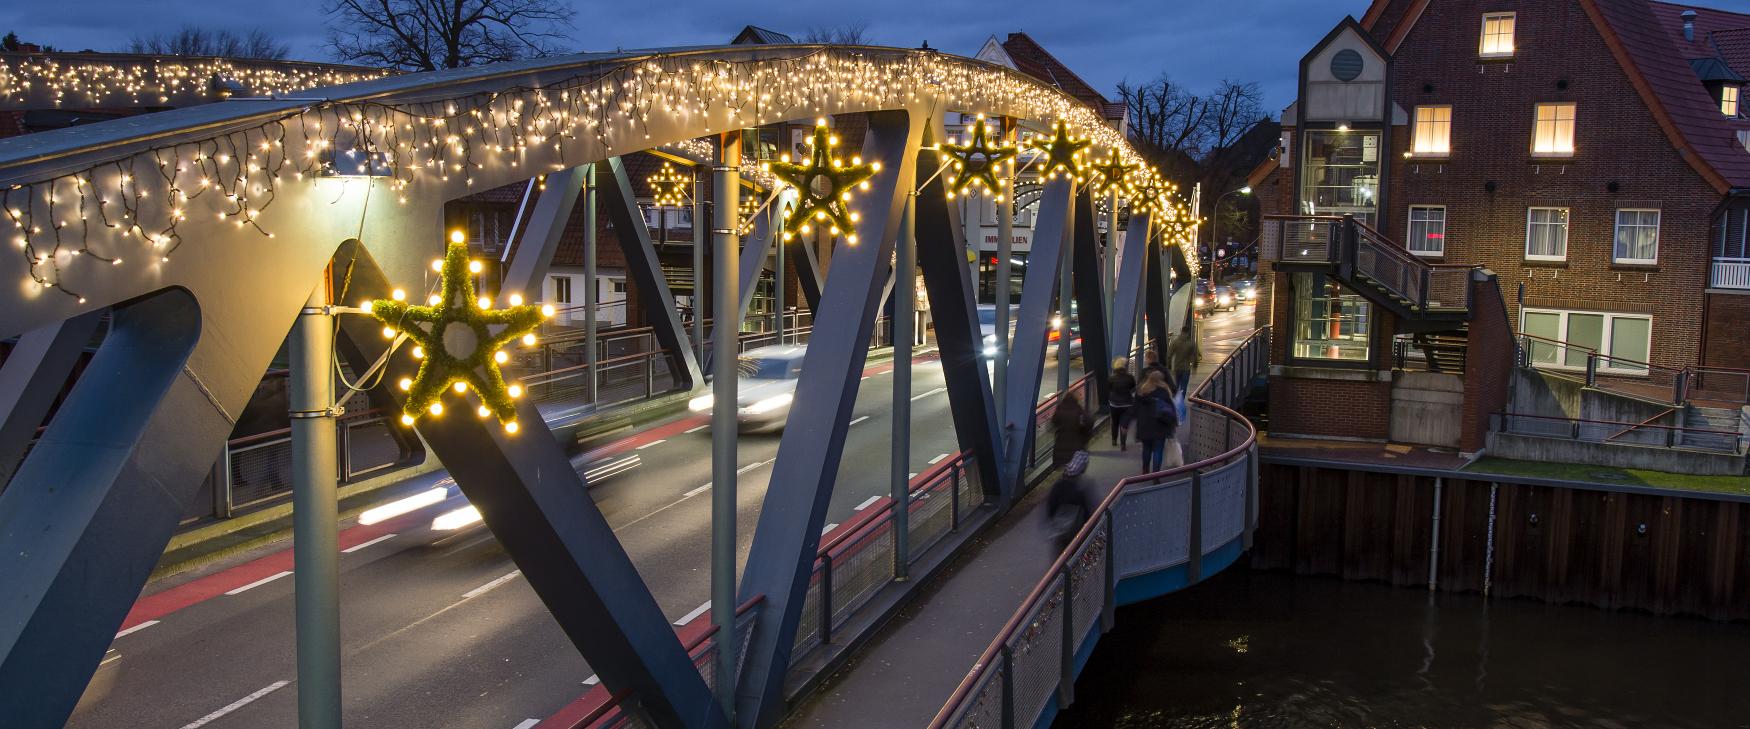 Weihnachtsbeleuchtung Hubbrücke Meppen